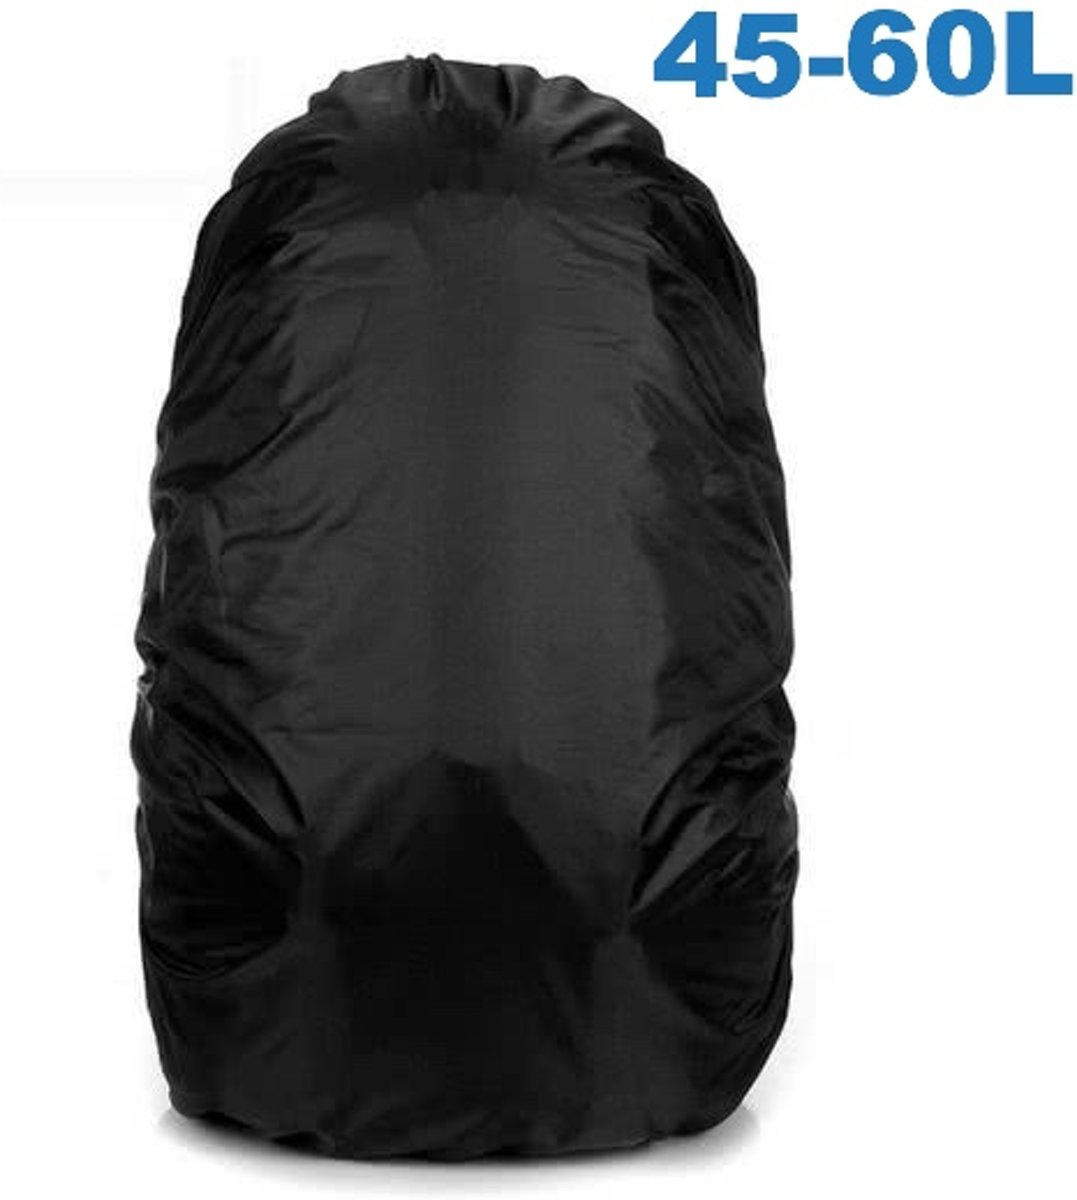 ForDig - Flightbag Regenhoes Waterdicht voor Backpack Rugzak - 45-60 Liter Regenhoes – Zwart kopen